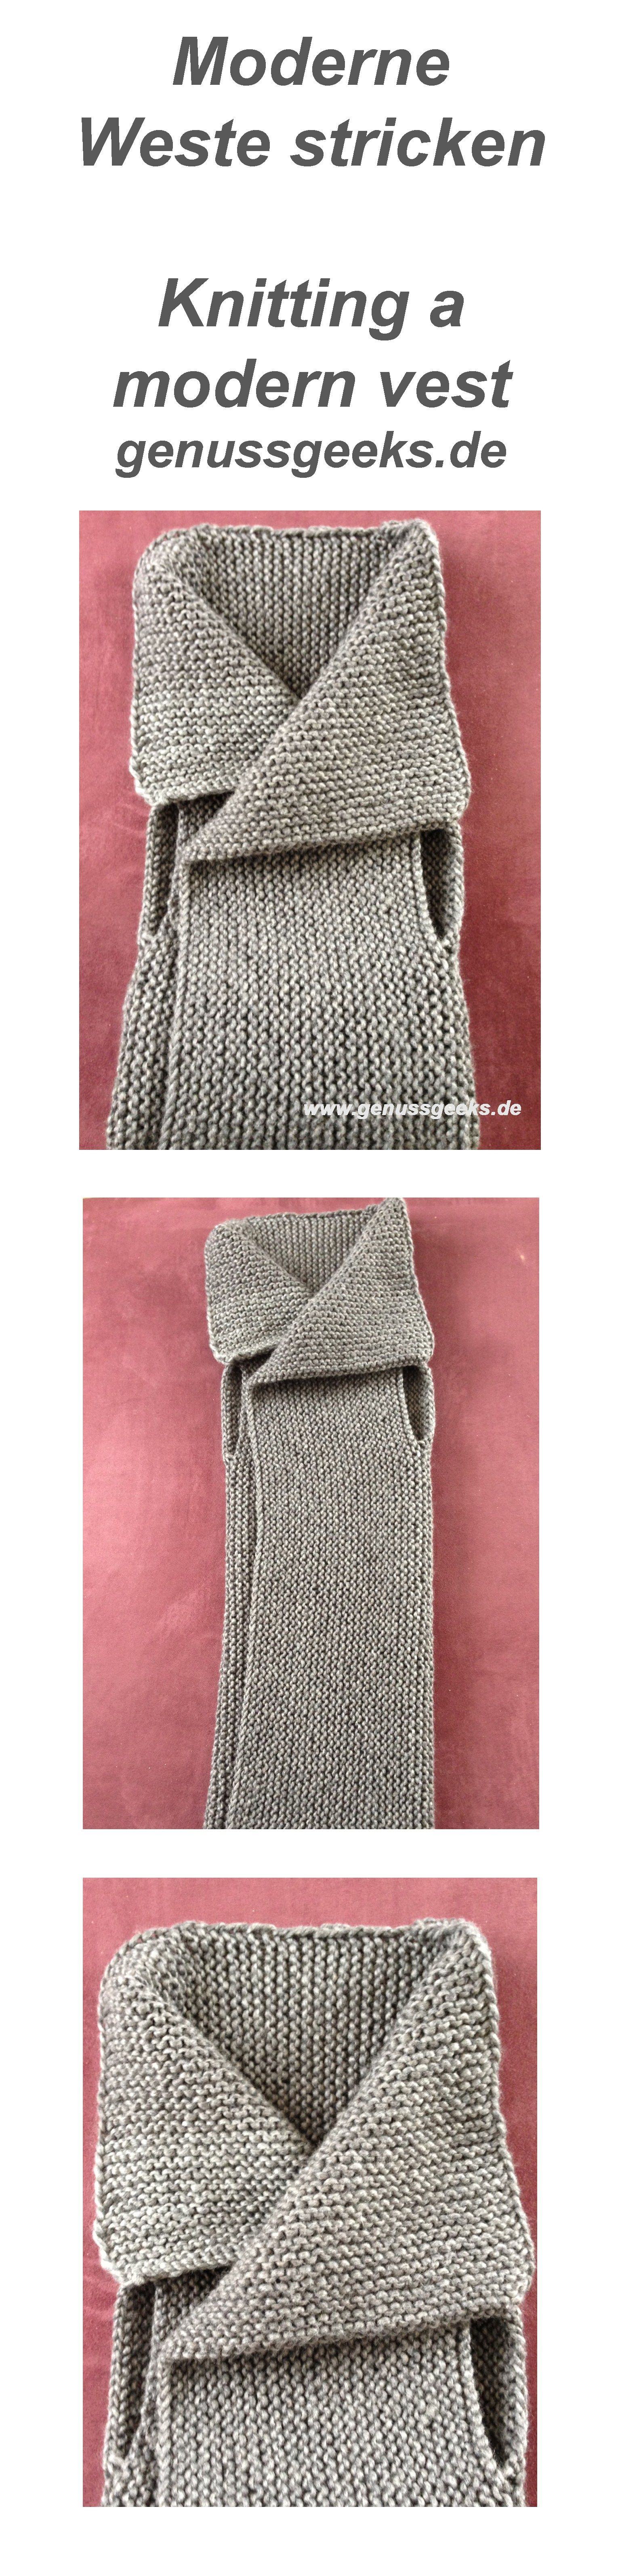 Crafting eine moderne weste stricken stricken pinterest weste stricken stricken und h keln - Moderne schals stricken ...